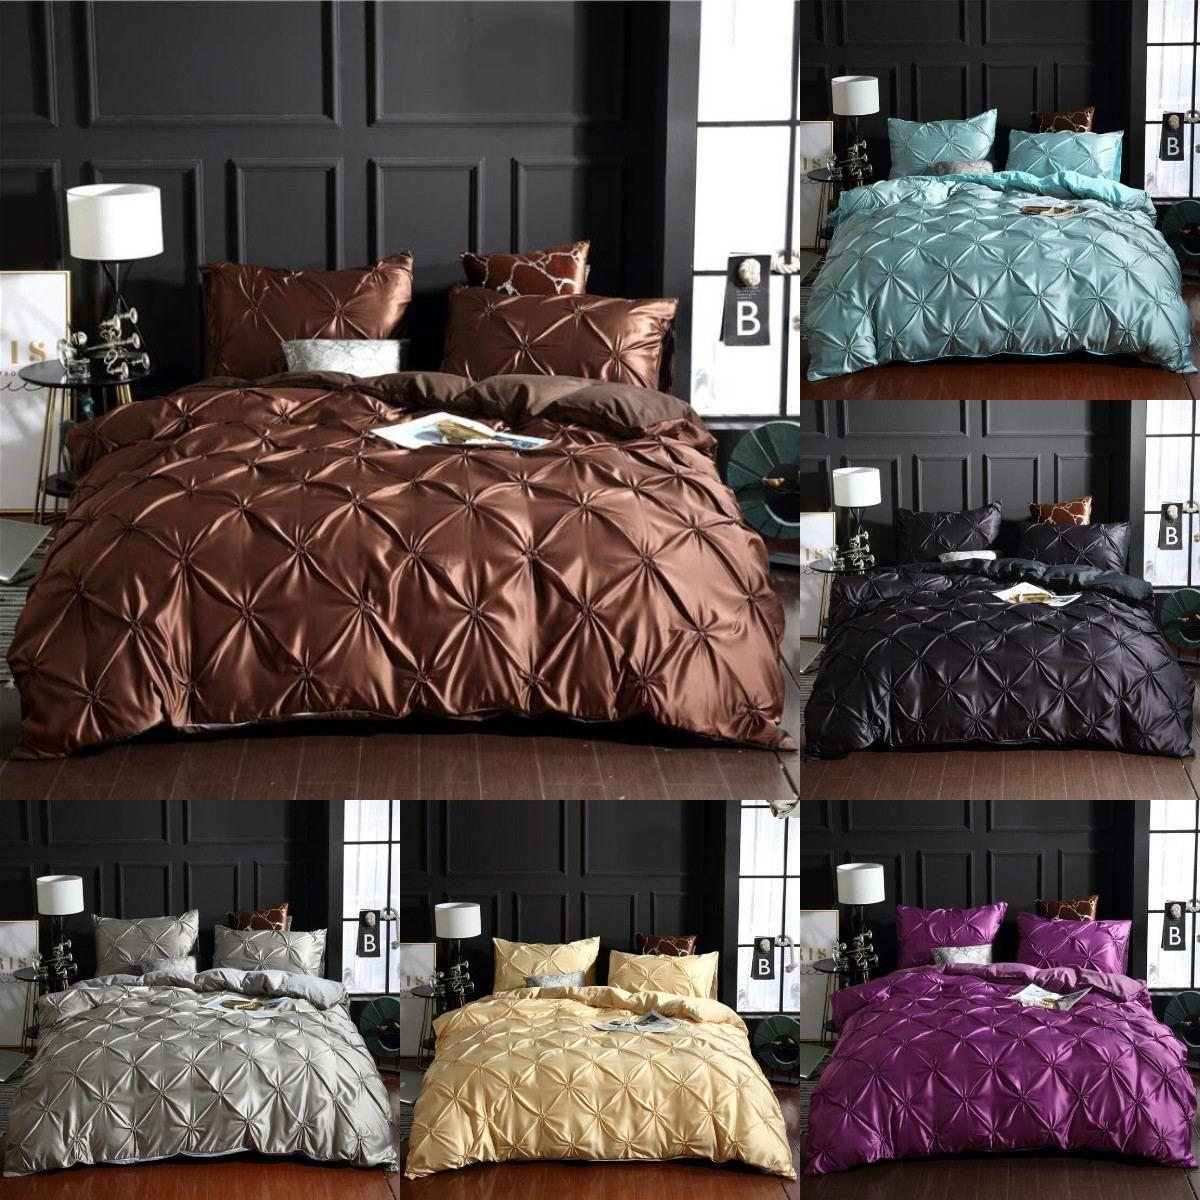 Sólida Cor de lençóis de lençóis lavado conjunto de cama de luxo capa de edredão de cama de casal capa de cama queen size lençóis conjunto edredons